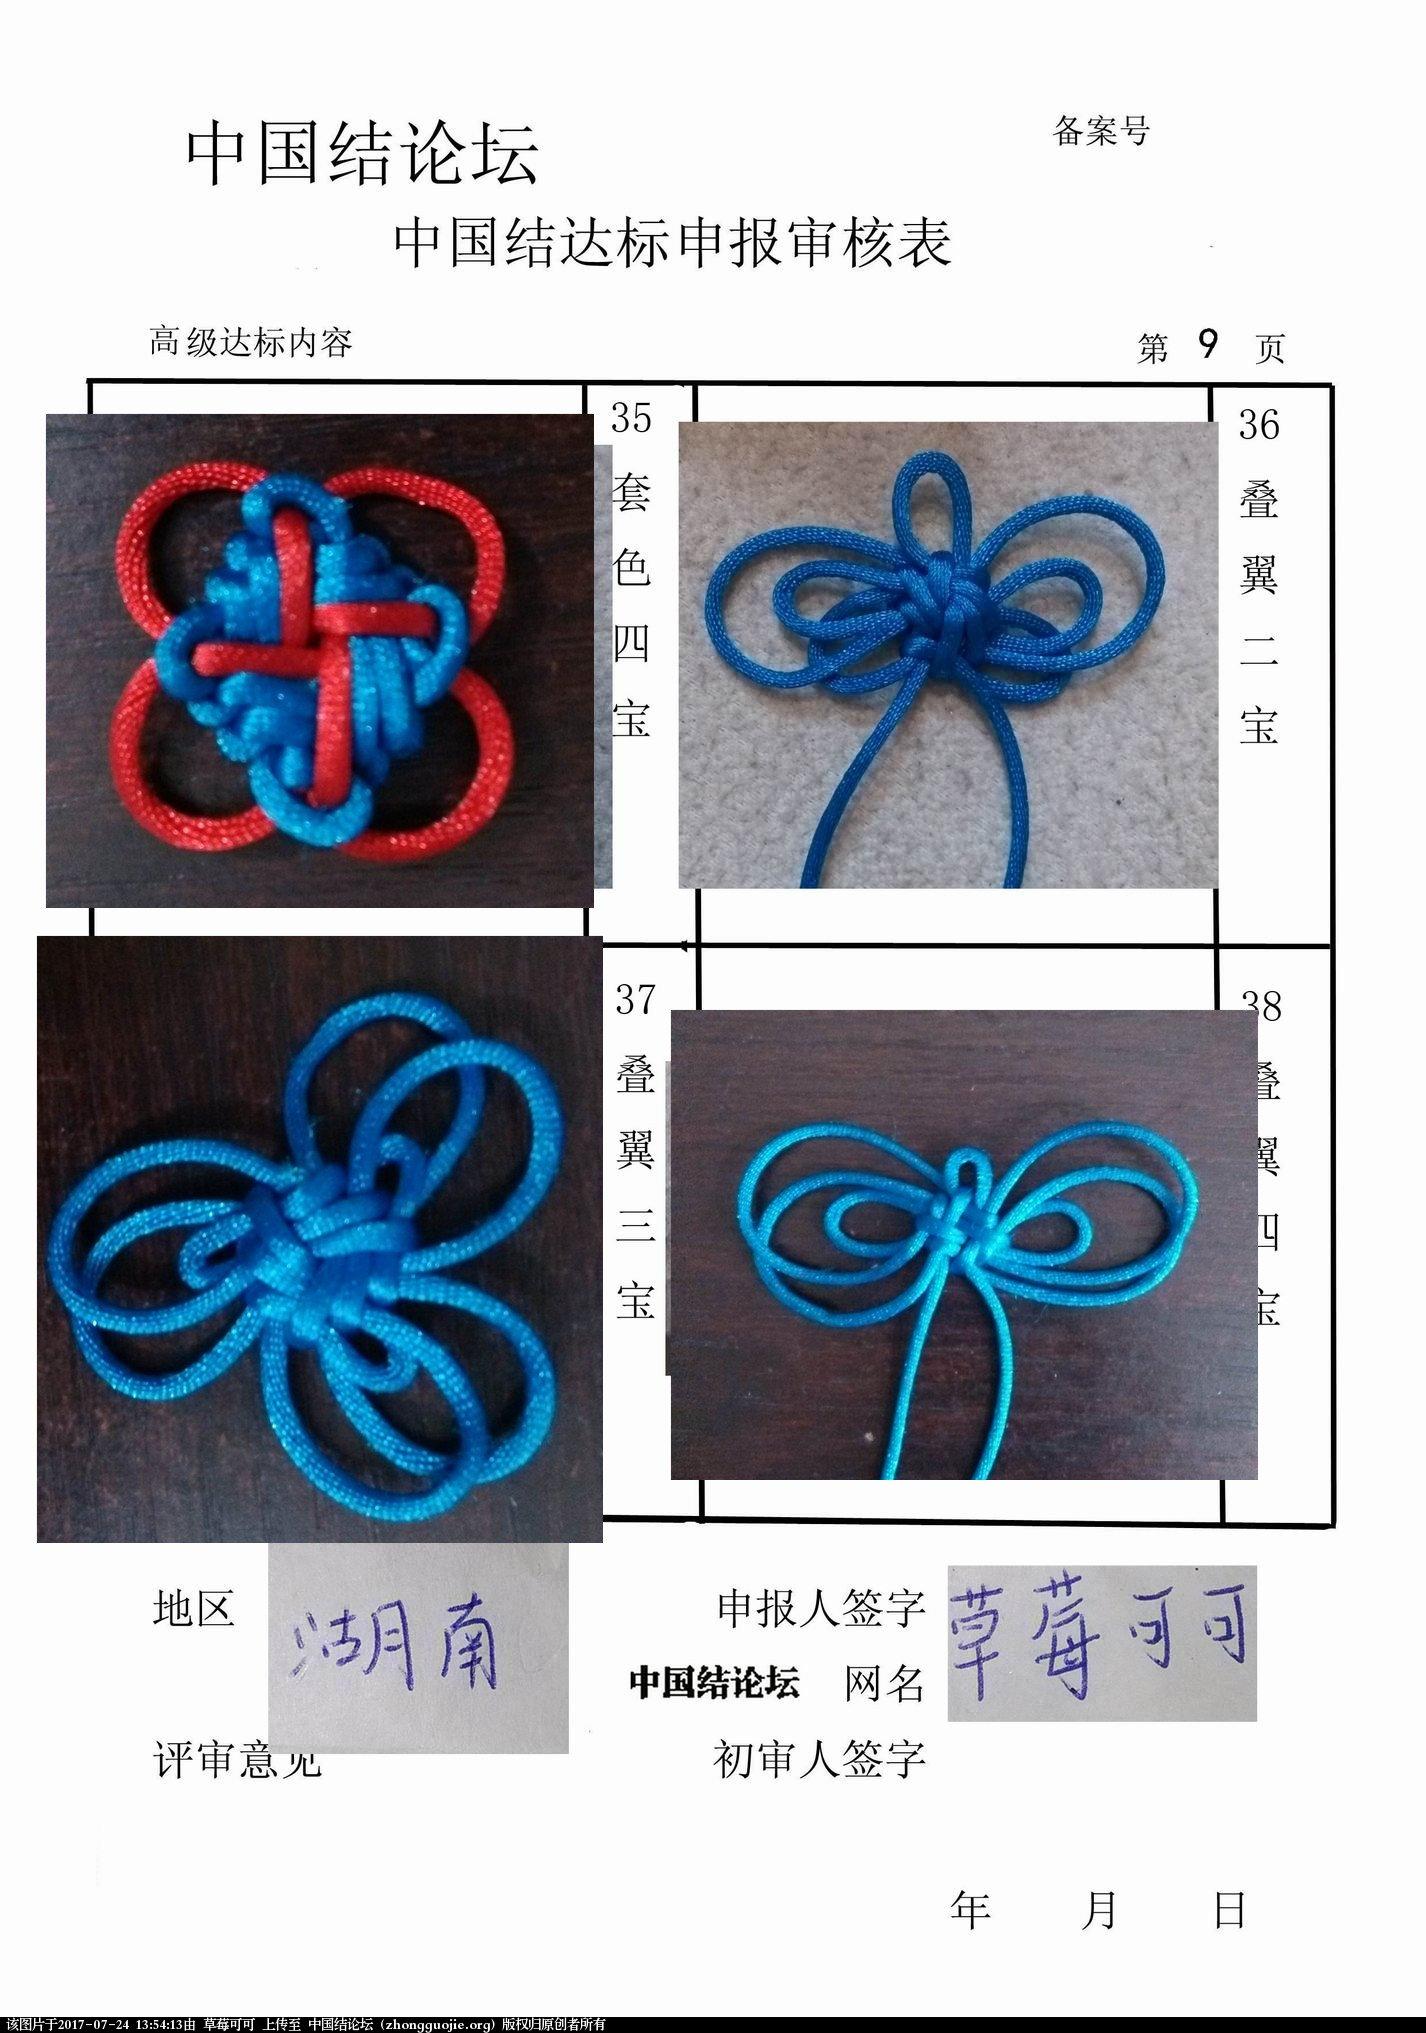 中国结论坛 草莓可可高级达标考核,已重做  中国绳结艺术分级达标审核 135401vmz9zz0wqh00hnrx